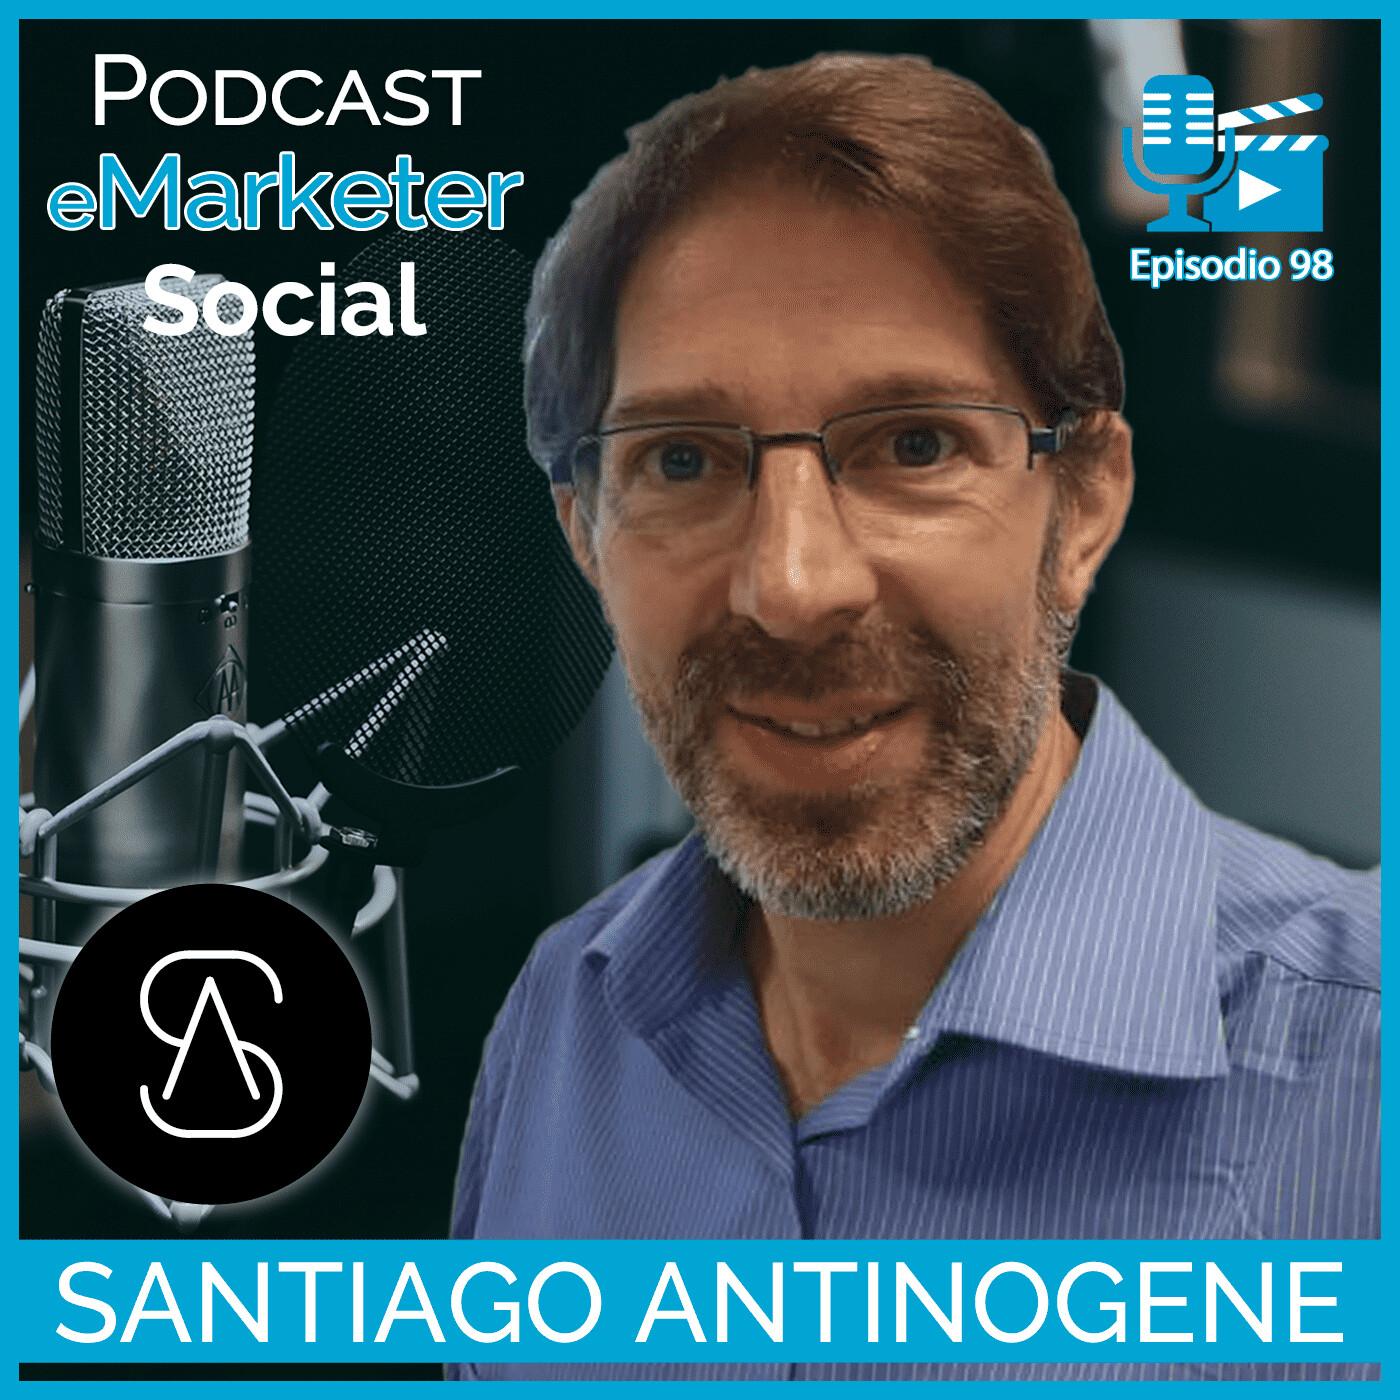 098 Santiago Antinogene (1ª parte) en Podcast eMarketerSocial